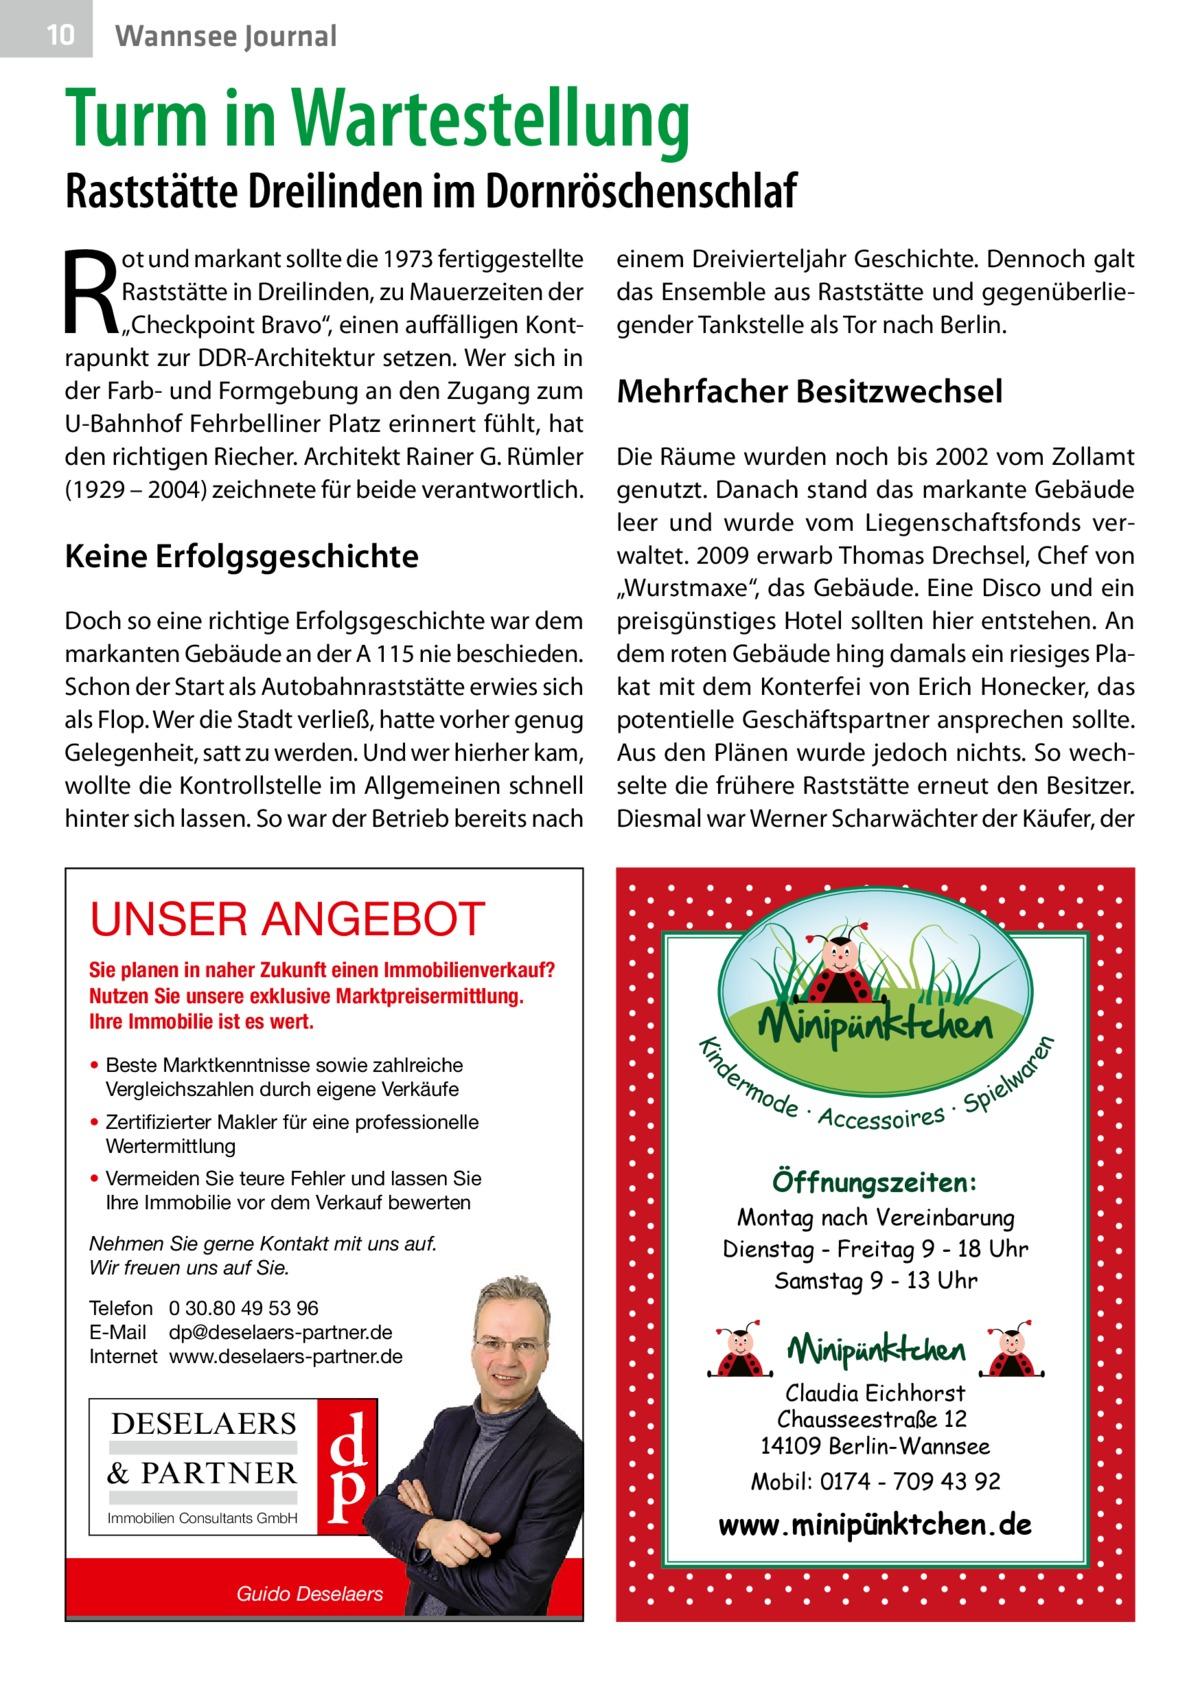 """10  Wannsee Journal  Turm in Wartestellung  Raststätte Dreilinden im Dornröschenschlaf  R  ot und markant sollte die 1973 fertiggestellte Raststätte in Dreilinden, zu Mauerzeiten der """"Checkpoint Bravo"""", einen auffälligen Kontrapunkt zur DDR-Architektur setzen. Wer sich in der Farb- und Formgebung an den Zugang zum U-Bahnhof Fehrbelliner Platz erinnert fühlt, hat den richtigen Riecher. Architekt Rainer G. Rümler (1929 – 2004) zeichnete für beide verantwortlich.  Keine Erfolgsgeschichte Doch so eine richtige Erfolgsgeschichte war dem markanten Gebäude an der A 115 nie beschieden. Schon der Start als Autobahnraststätte erwies sich als Flop. Wer die Stadt verließ, hatte vorher genug Gelegenheit, satt zu werden. Und wer hierher kam, wollte die Kontrollstelle im Allgemeinen schnell hinter sich lassen. So war der Betrieb bereits nach  einem Dreivierteljahr Geschichte. Dennoch galt das Ensemble aus Raststätte und gegenüberliegender Tankstelle als Tor nach Berlin.  Mehrfacher Besitzwechsel Die Räume wurden noch bis 2002 vom Zollamt genutzt. Danach stand das markante Gebäude leer und wurde vom Liegenschaftsfonds verwaltet. 2009 erwarb Thomas Drechsel, Chef von """"Wurstmaxe"""", das Gebäude. Eine Disco und ein preisgünstiges Hotel sollten hier entstehen. An dem roten Gebäude hing damals ein riesiges Plakat mit dem Konterfei von Erich Honecker, das potentielle Geschäftspartner ansprechen sollte. Aus den Plänen wurde jedoch nichts. So wechselte die frühere Raststätte erneut den Besitzer. Diesmal war Werner Scharwächter der Käufer, der  UNSER ANGEBOT  • Zertifizierter Makler für eine professionelle Wertermittlung • Vermeiden Sie teure Fehler und lassen Sie Ihre Immobilie vor dem Verkauf bewerten Nehmen Sie gerne Kontakt mit uns auf. Wir freuen uns auf Sie.  d Kin  • Beste Marktkenntnisse sowie zahlreiche Vergleichszahlen durch eigene Verkäufe  ar en  Sie planen in naher Zukunft einen Immobilienverkauf? Nutzen Sie unsere exklusive Marktpreisermittlung. Ihre Immobilie ist es wert.  er l"""